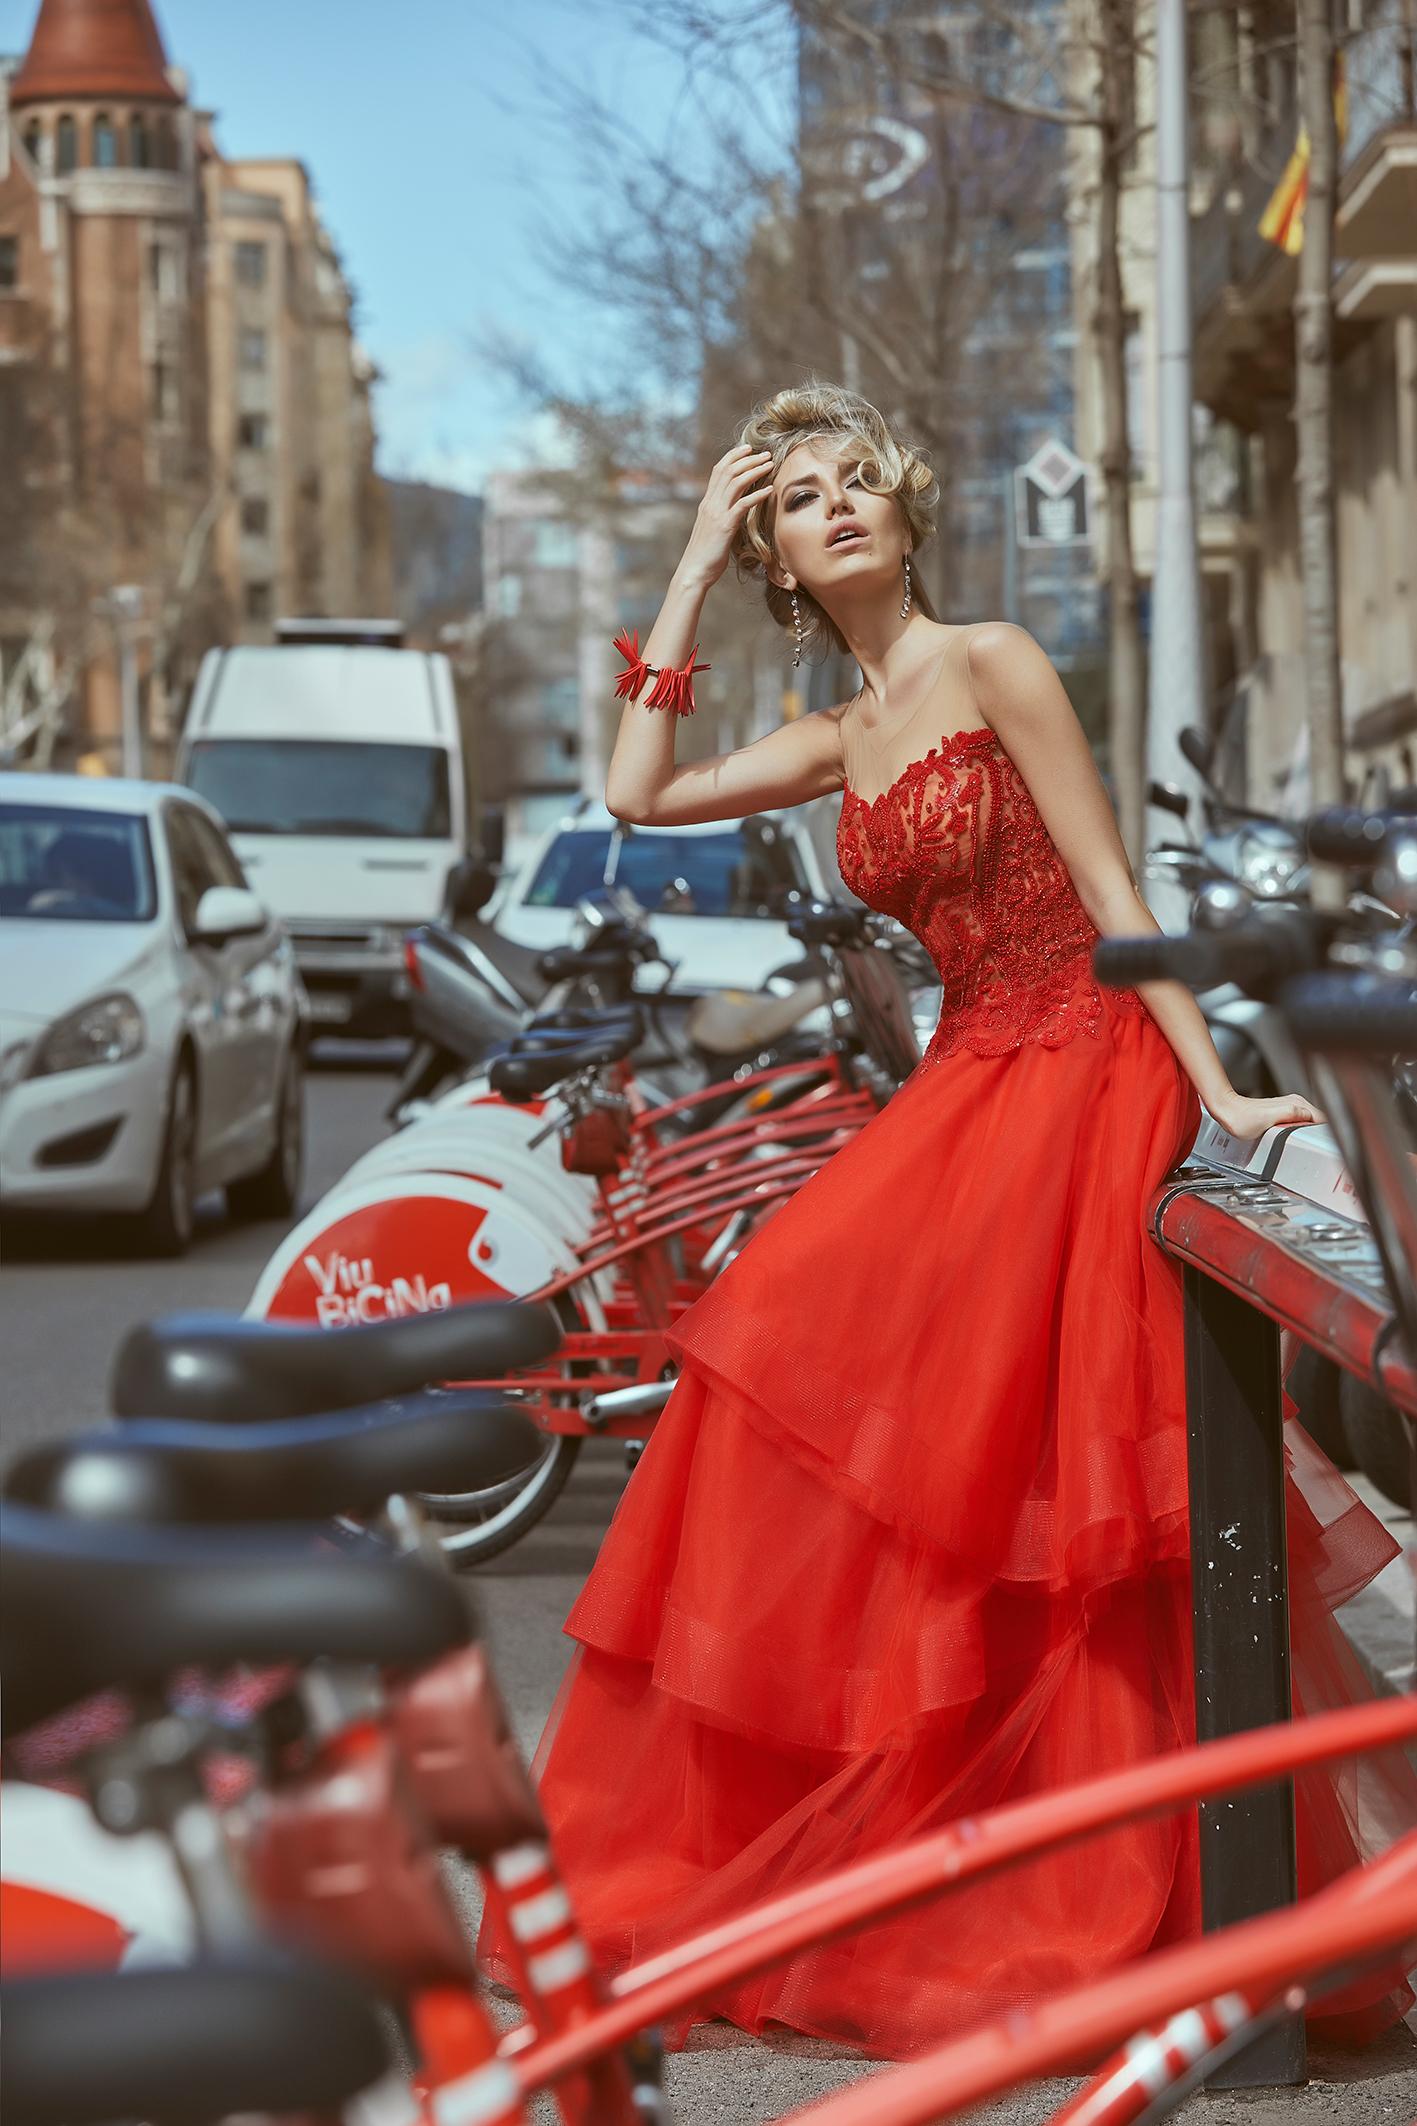 vestido-rojo-con-falda-de-tul-y-cuerpo-pedrería